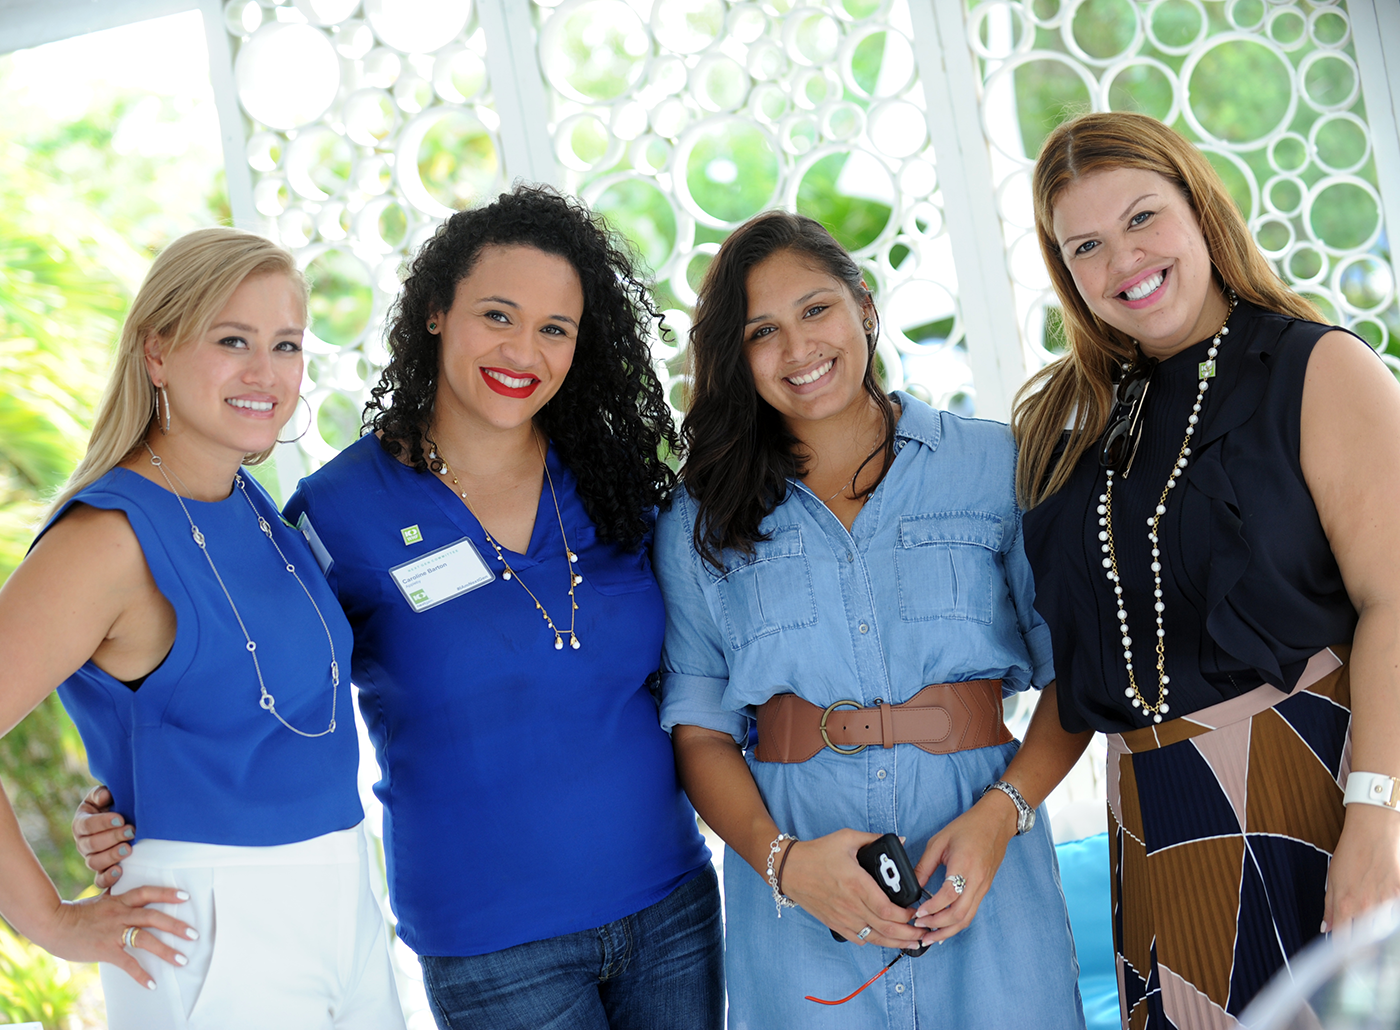 Cayman Compass: 100 Women initiates 'Next Gen' program